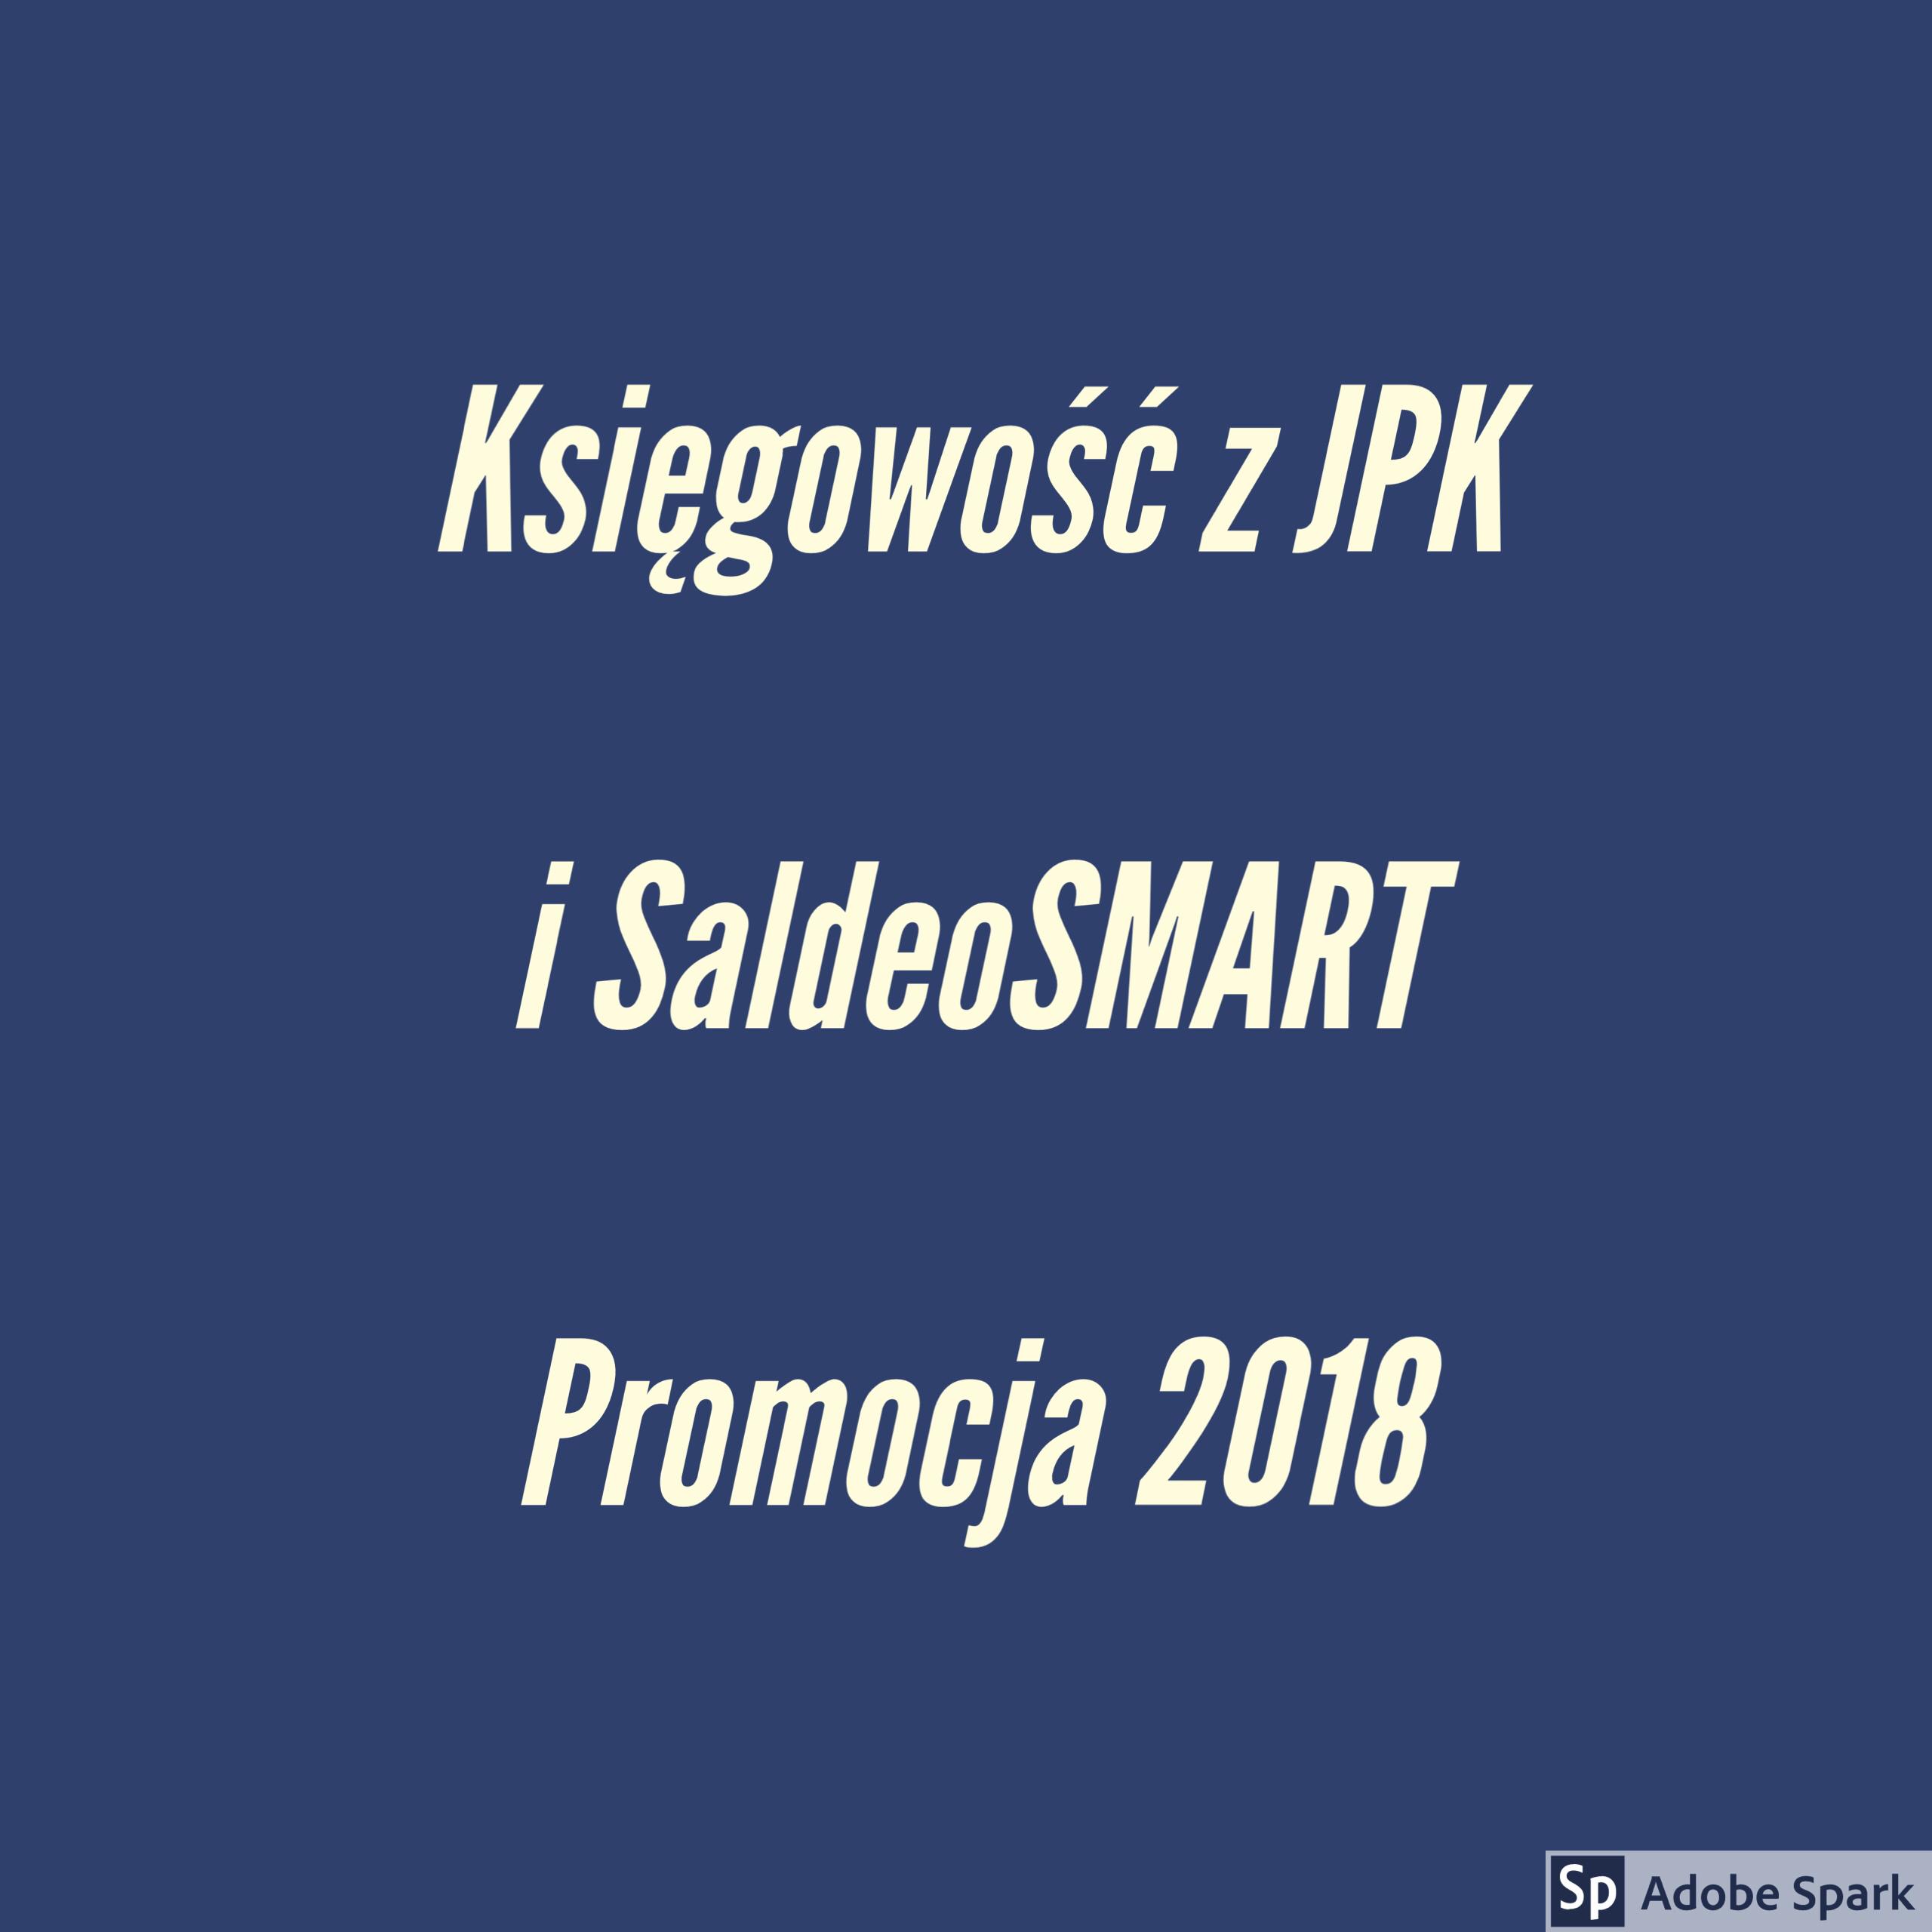 Promocja 2018 JPK_VAT